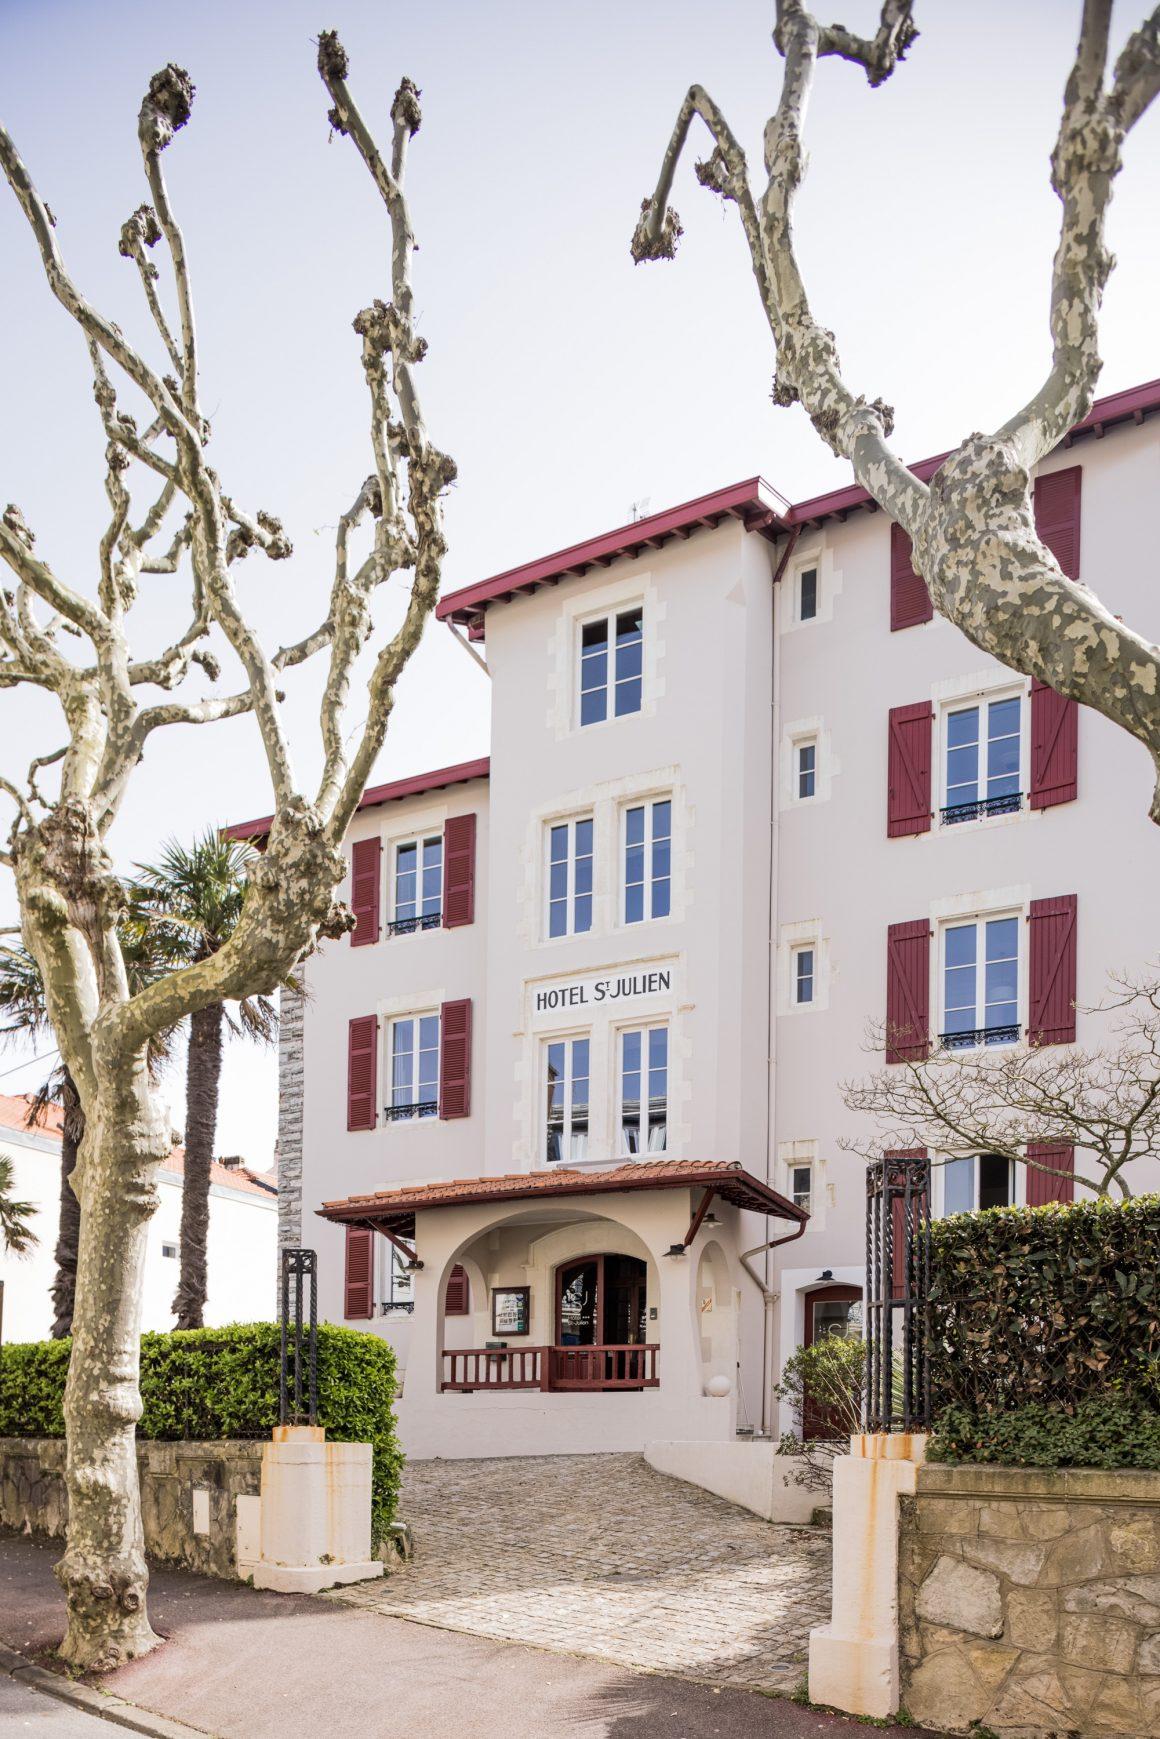 Entrée de l'Hôtel Saint Julien à Biarritz